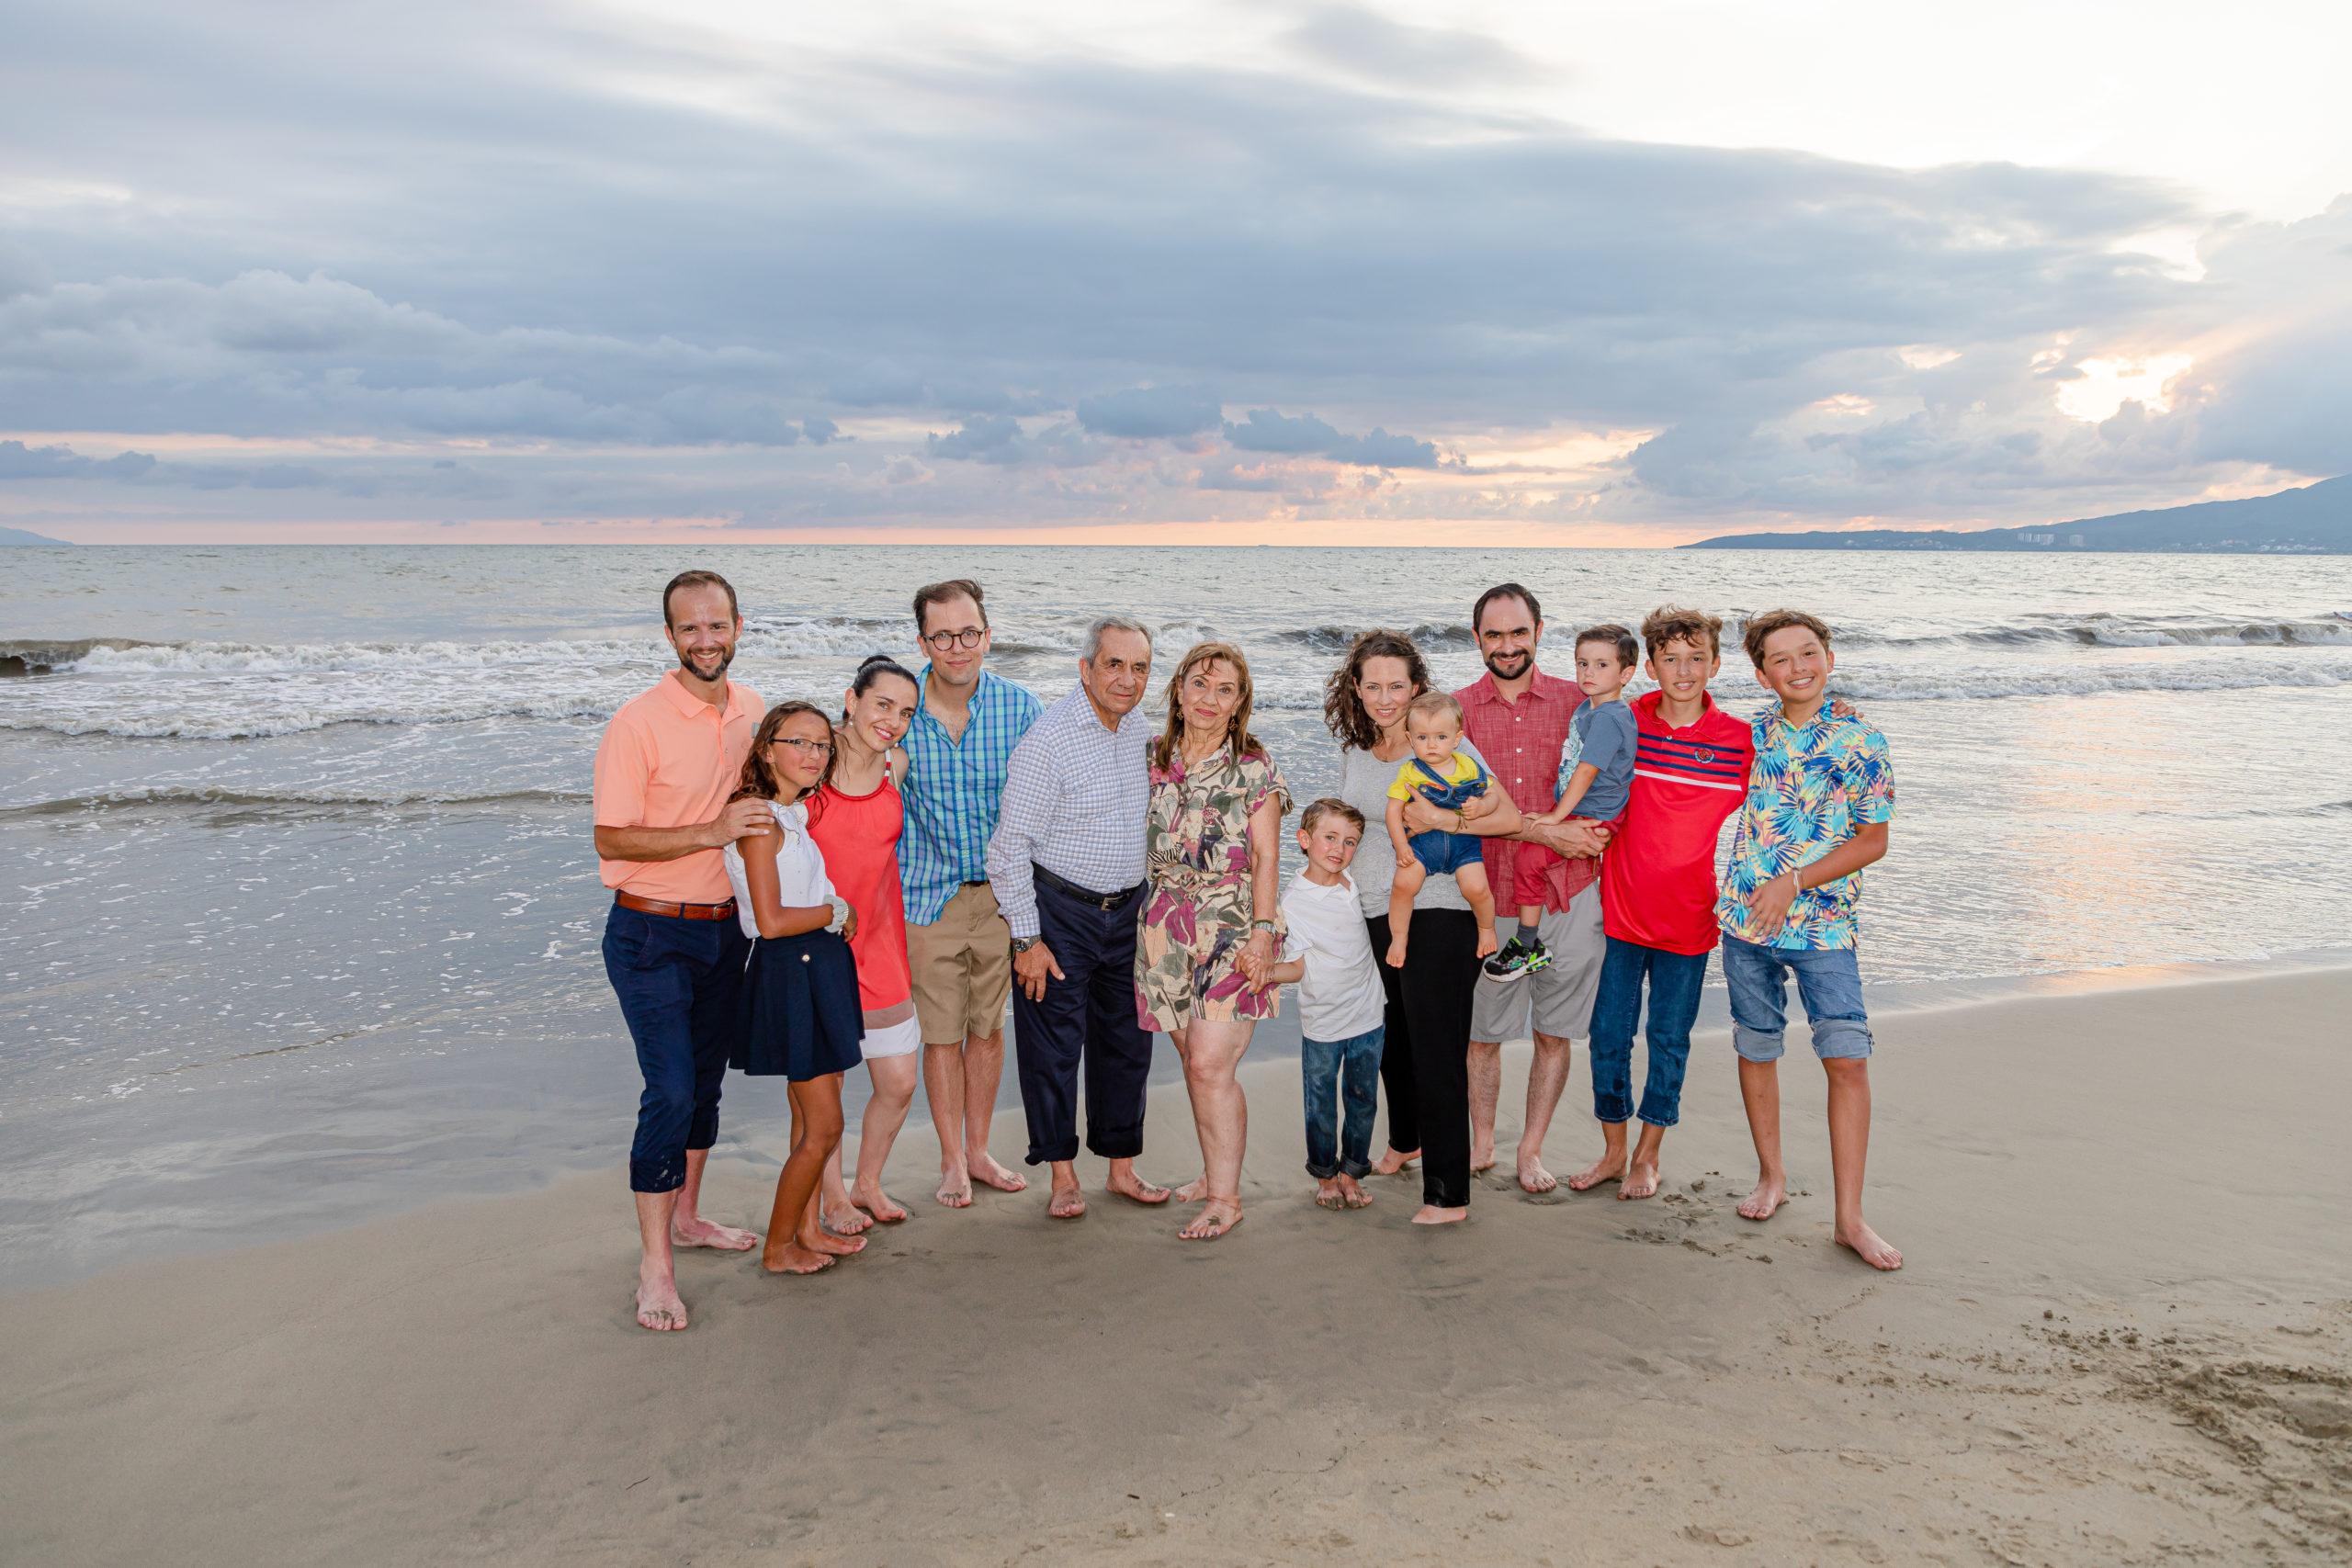 La familia completa con los festejados.